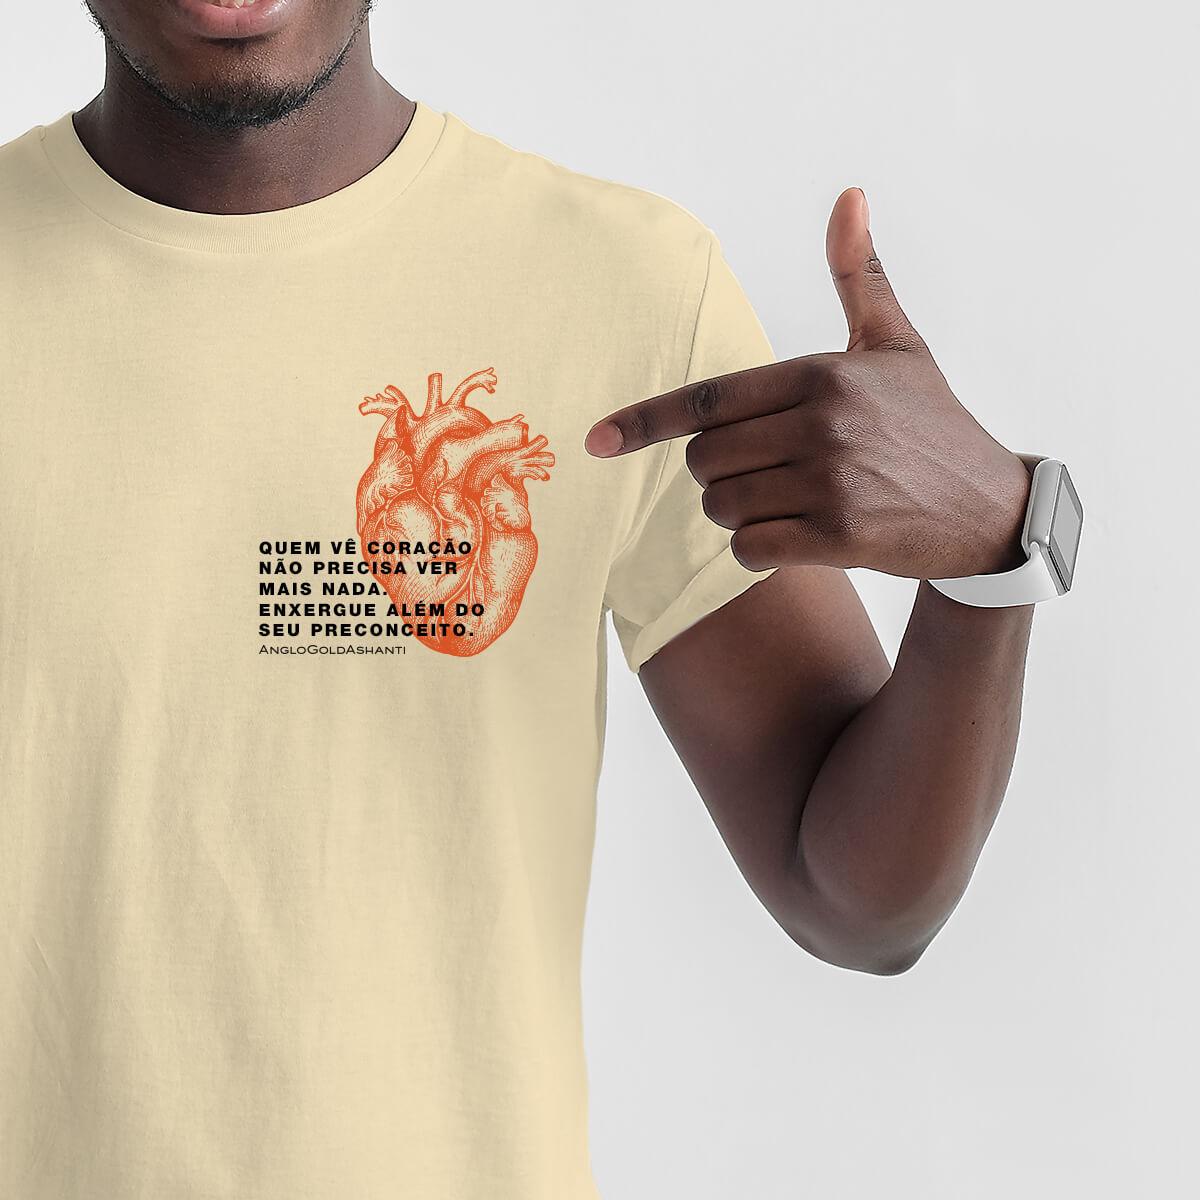 homem apontando para camisa com estampa de campanha de publicidade